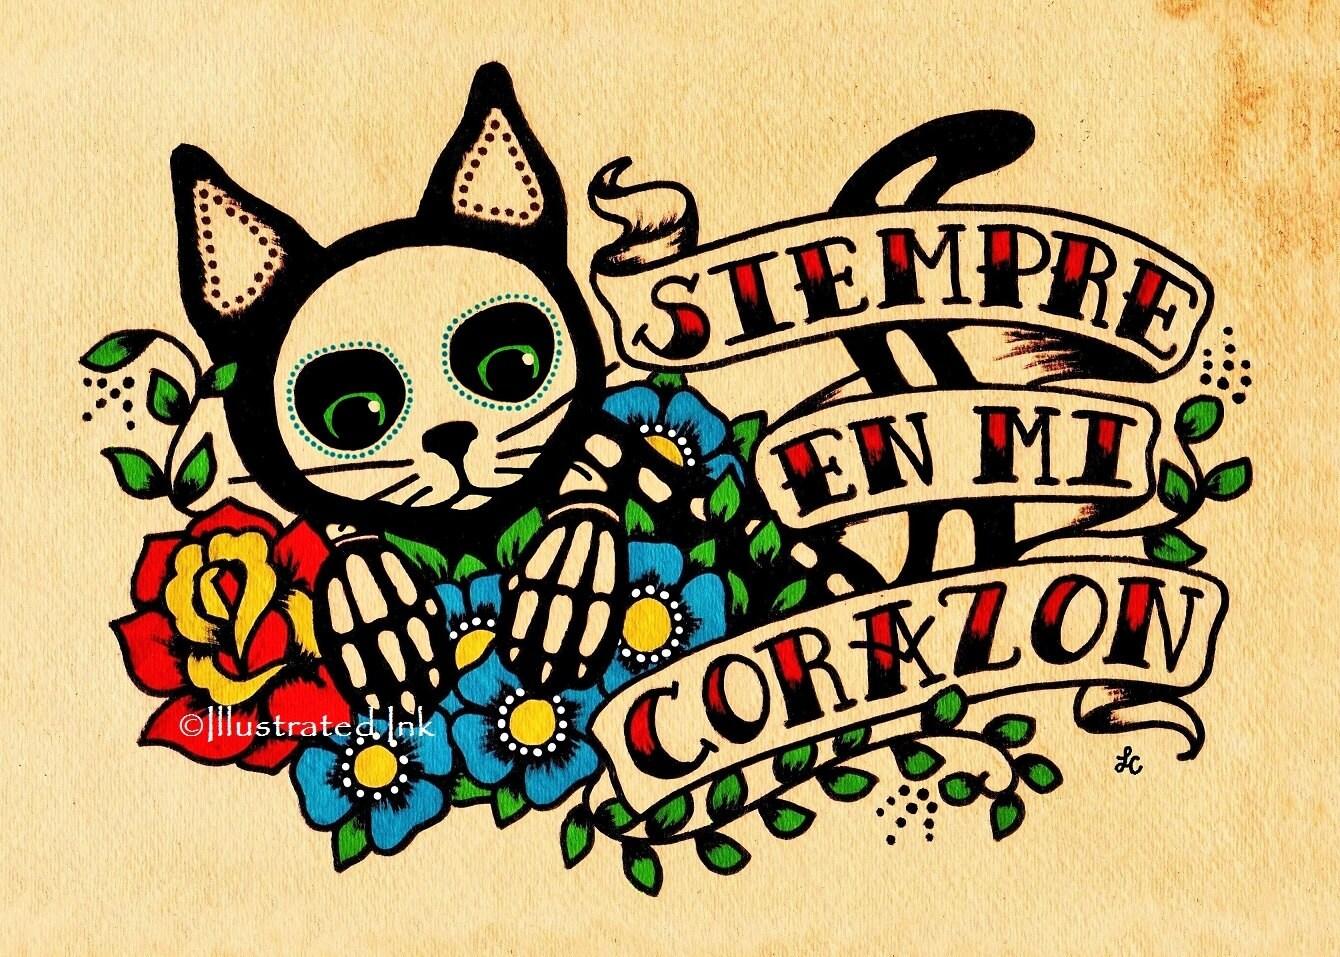 Day of the Dead CAT Dia de los Muertos Art Print 5 x 7 8 x 10